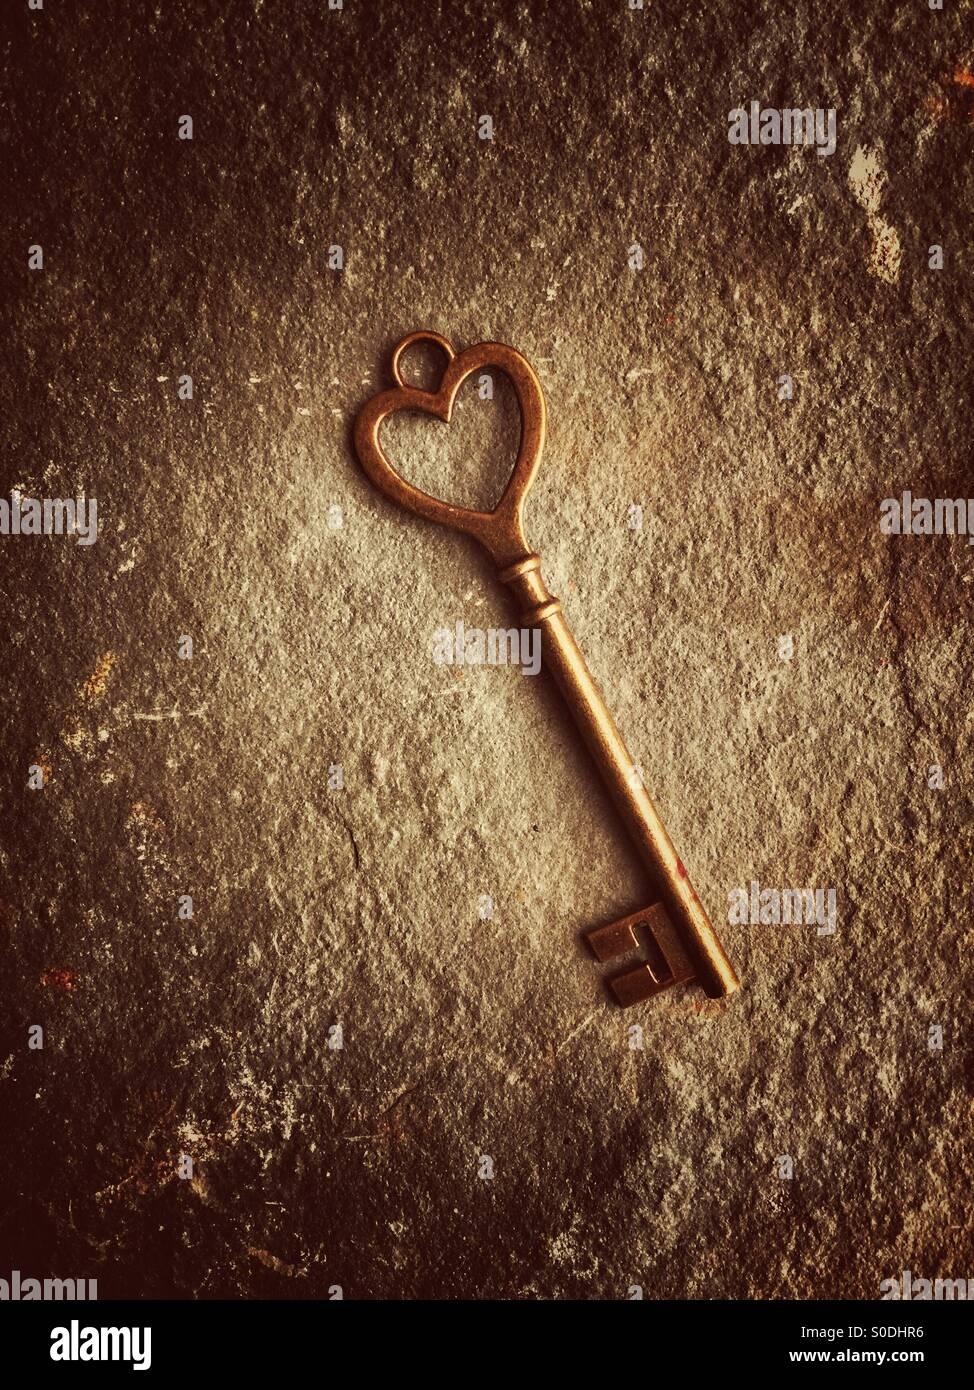 Heart shaped key - Stock Image